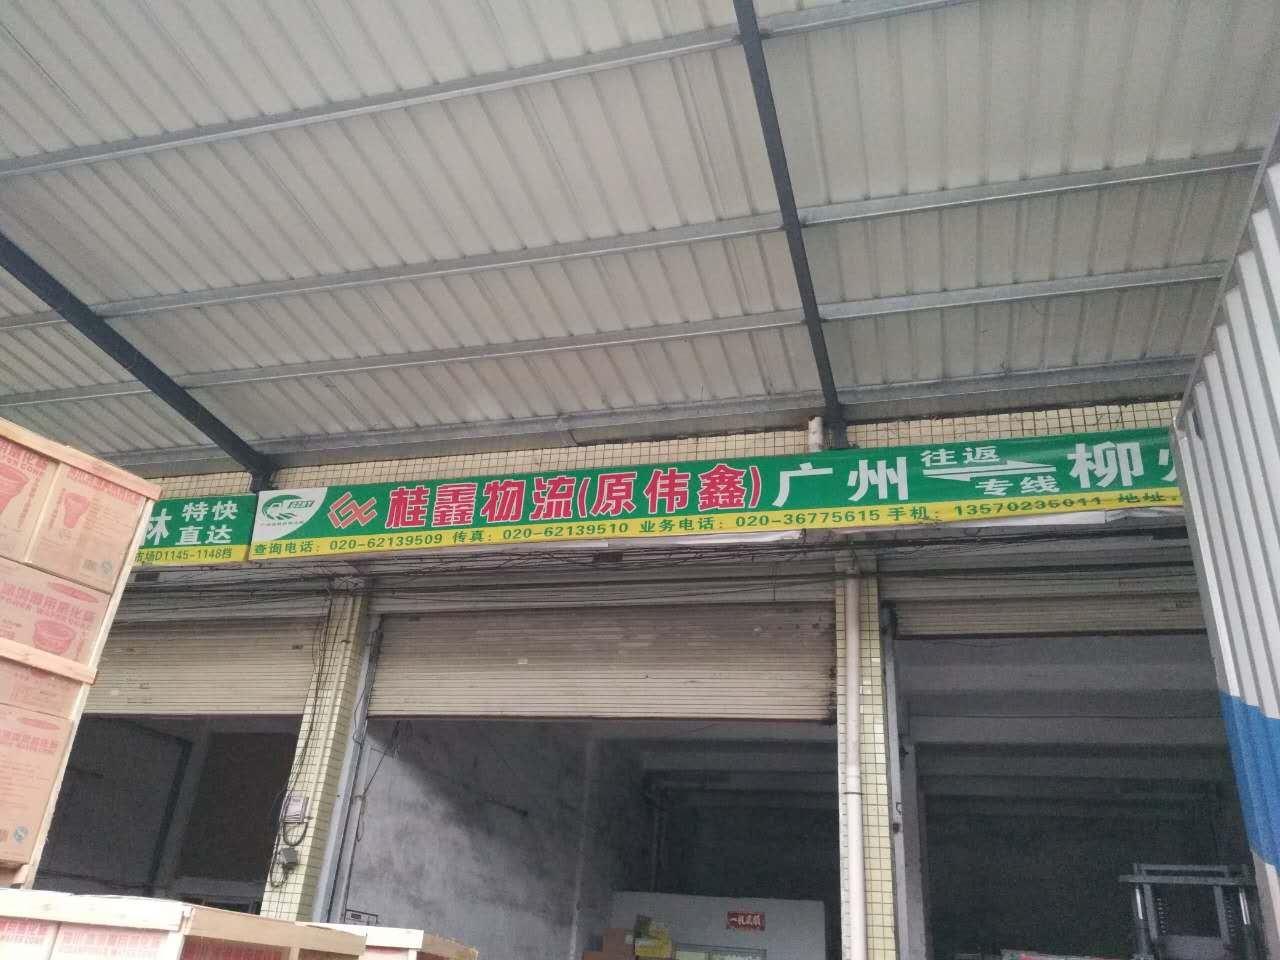 广州到珠海物流专线(广州市桂鑫物流有限公司)